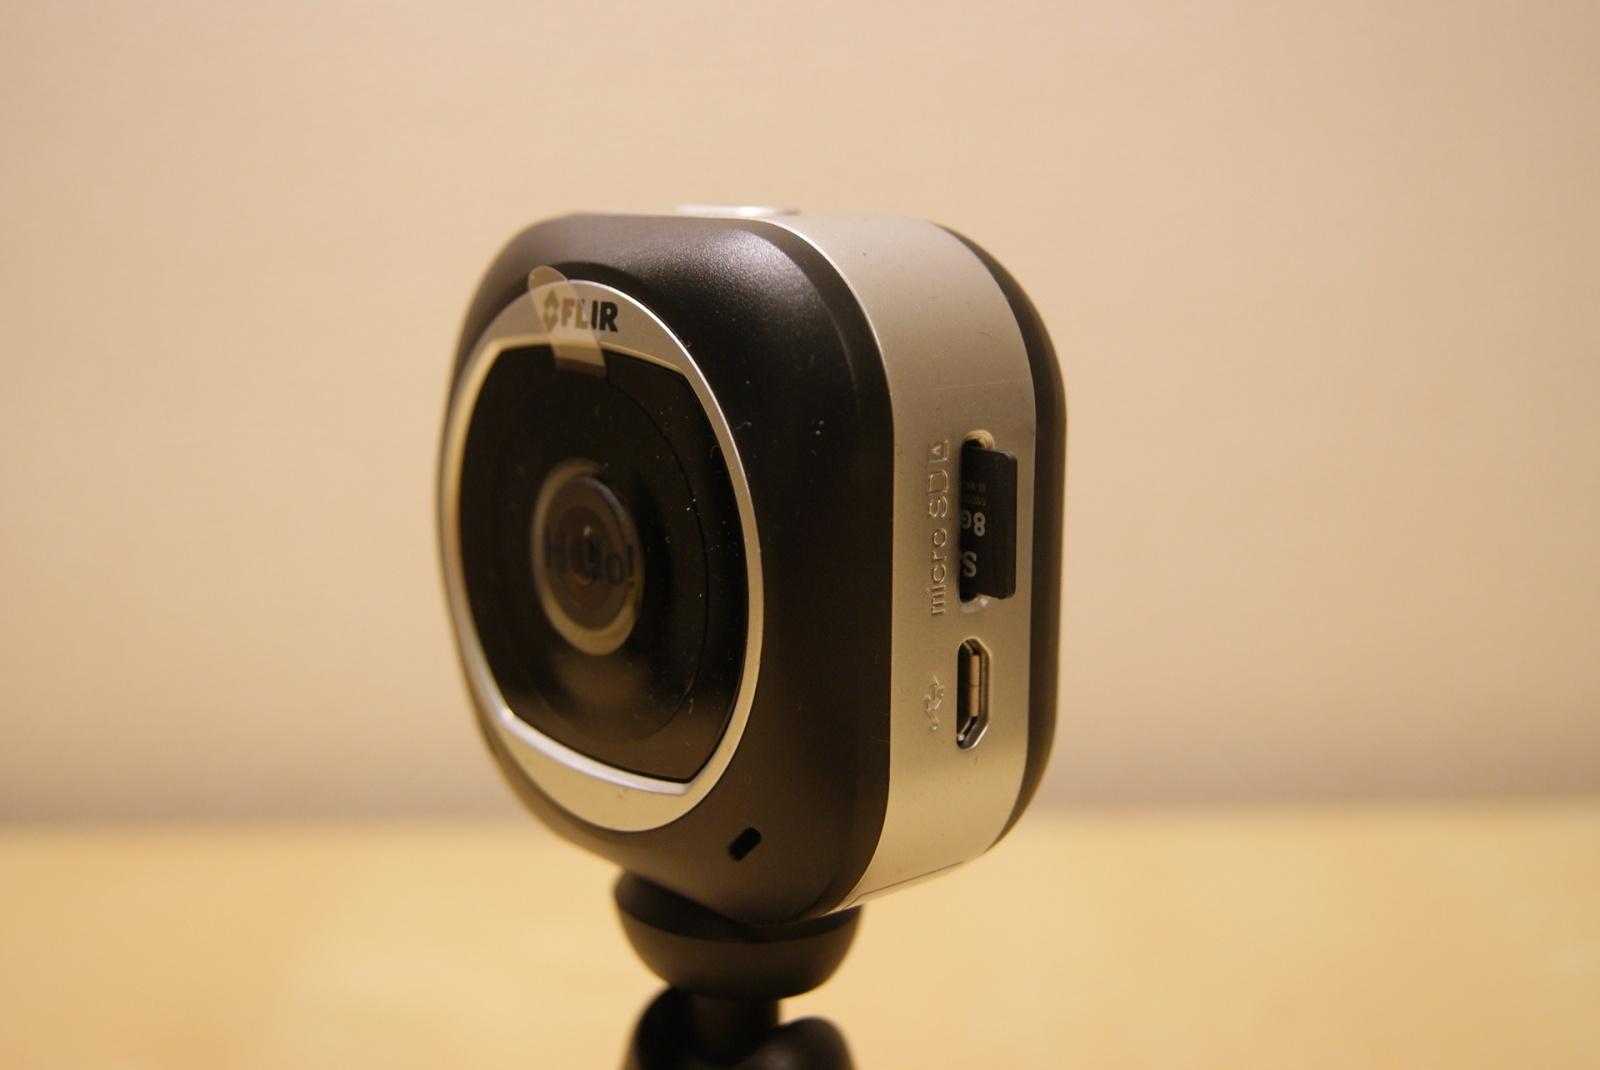 HD-камера наблюдения для дома: FlirFX - 7